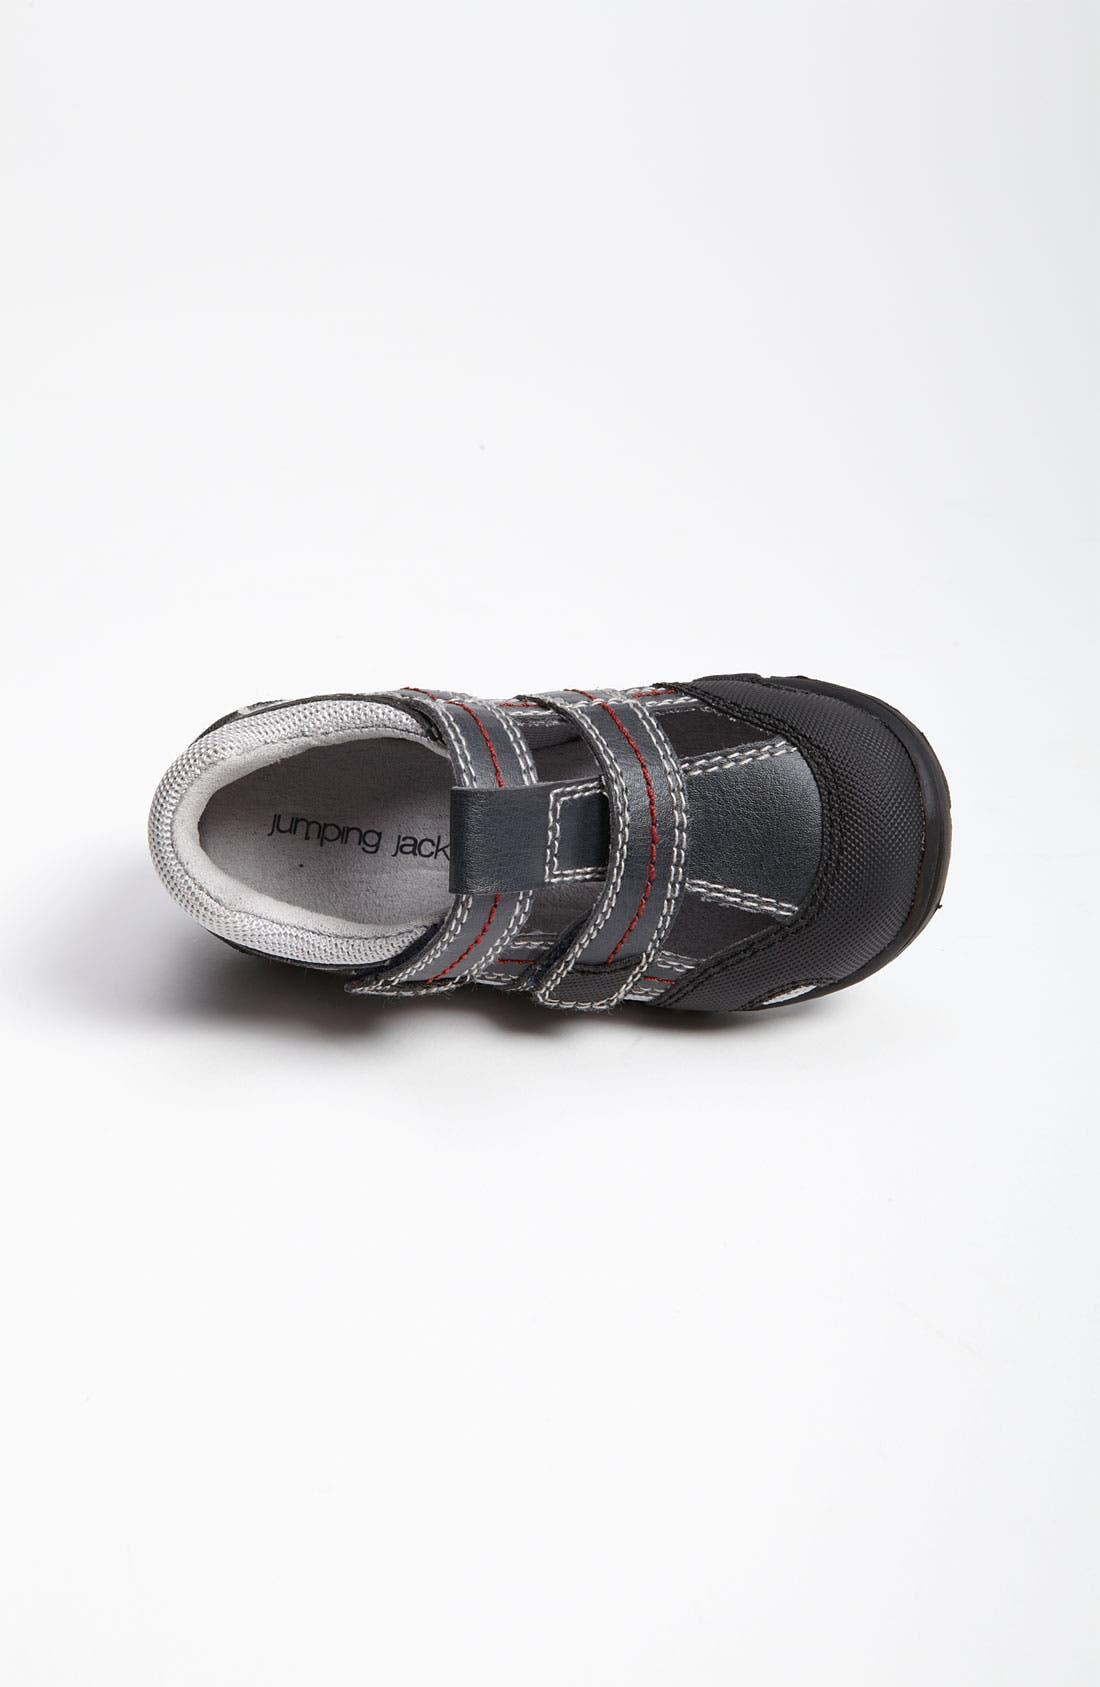 Alternate Image 3  - Jumping Jacks 'All Terrain' Sneaker (Walker & Toddler)